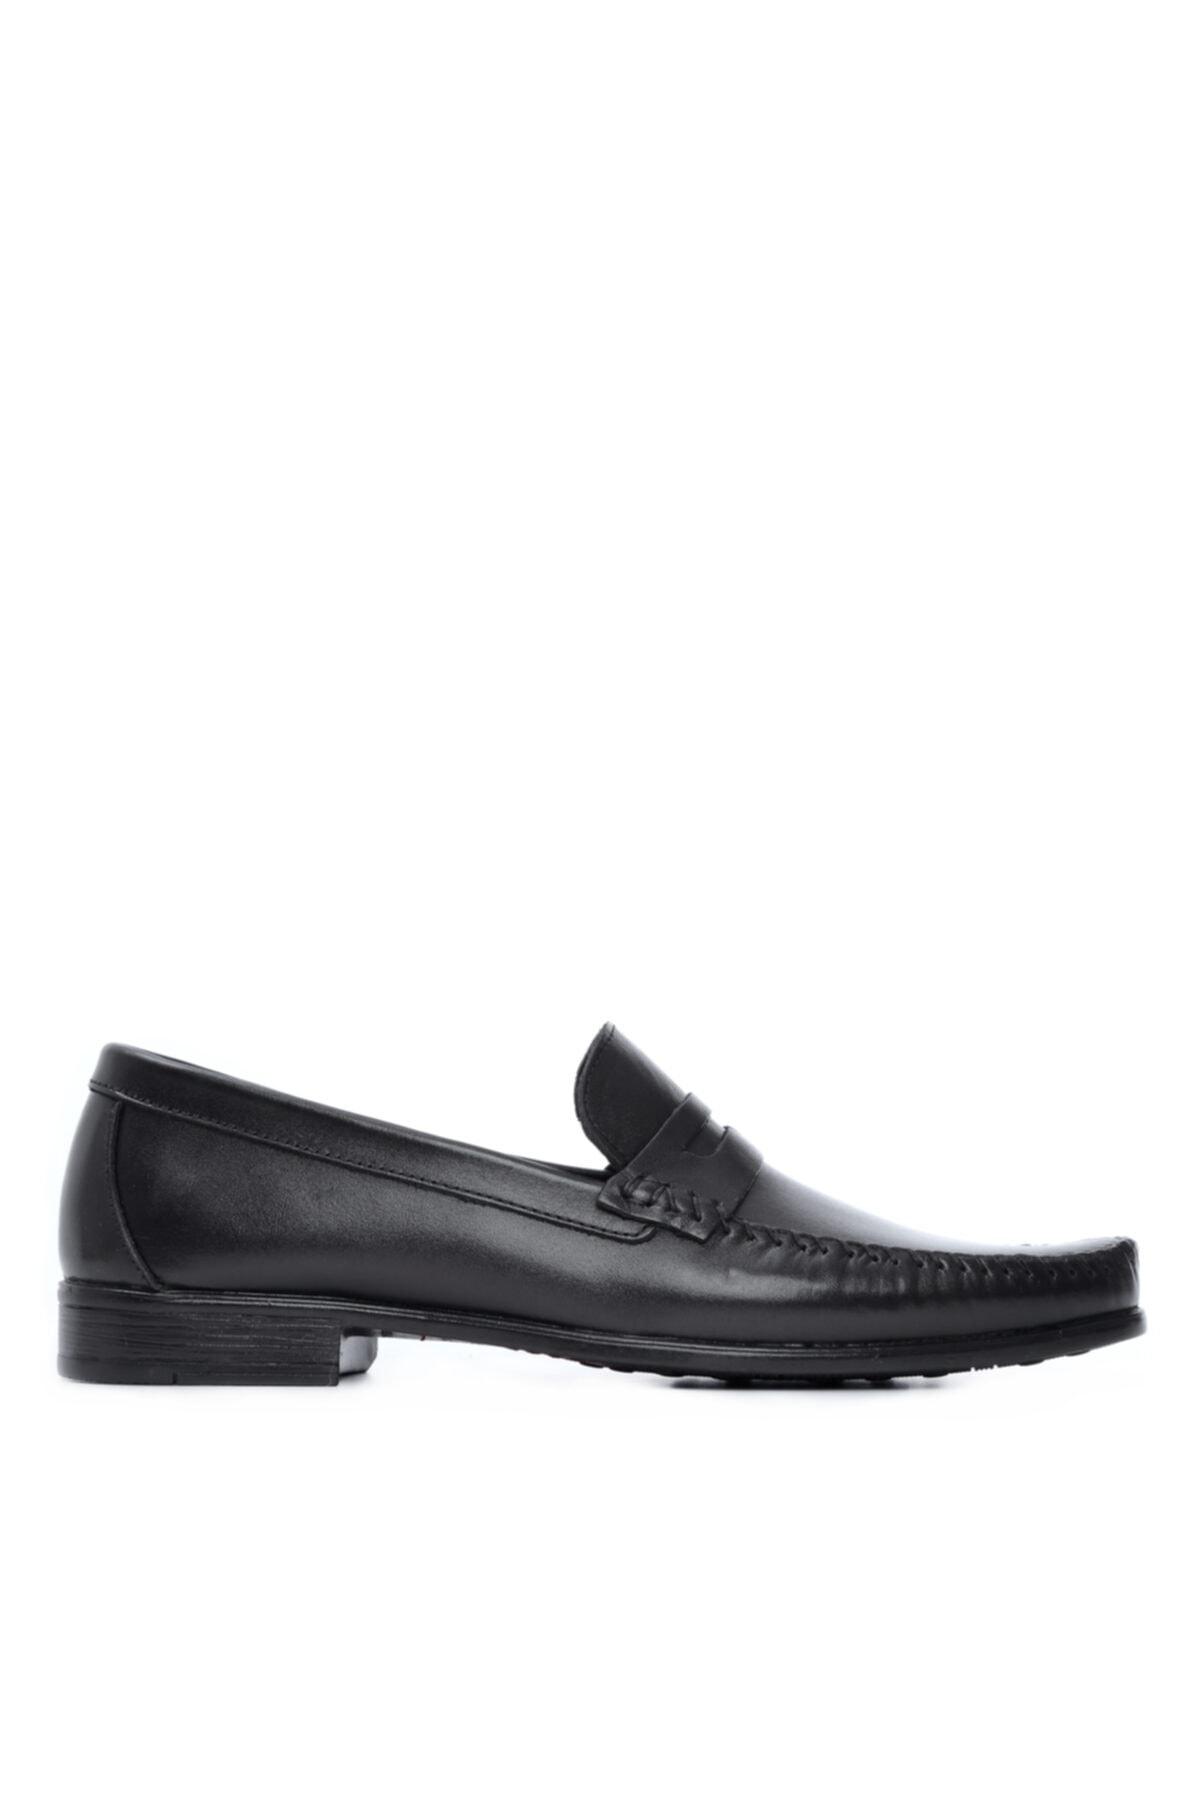 Erkek Siyah Deri Casual Ayakkabı 679 960 Erk Ayk Y21